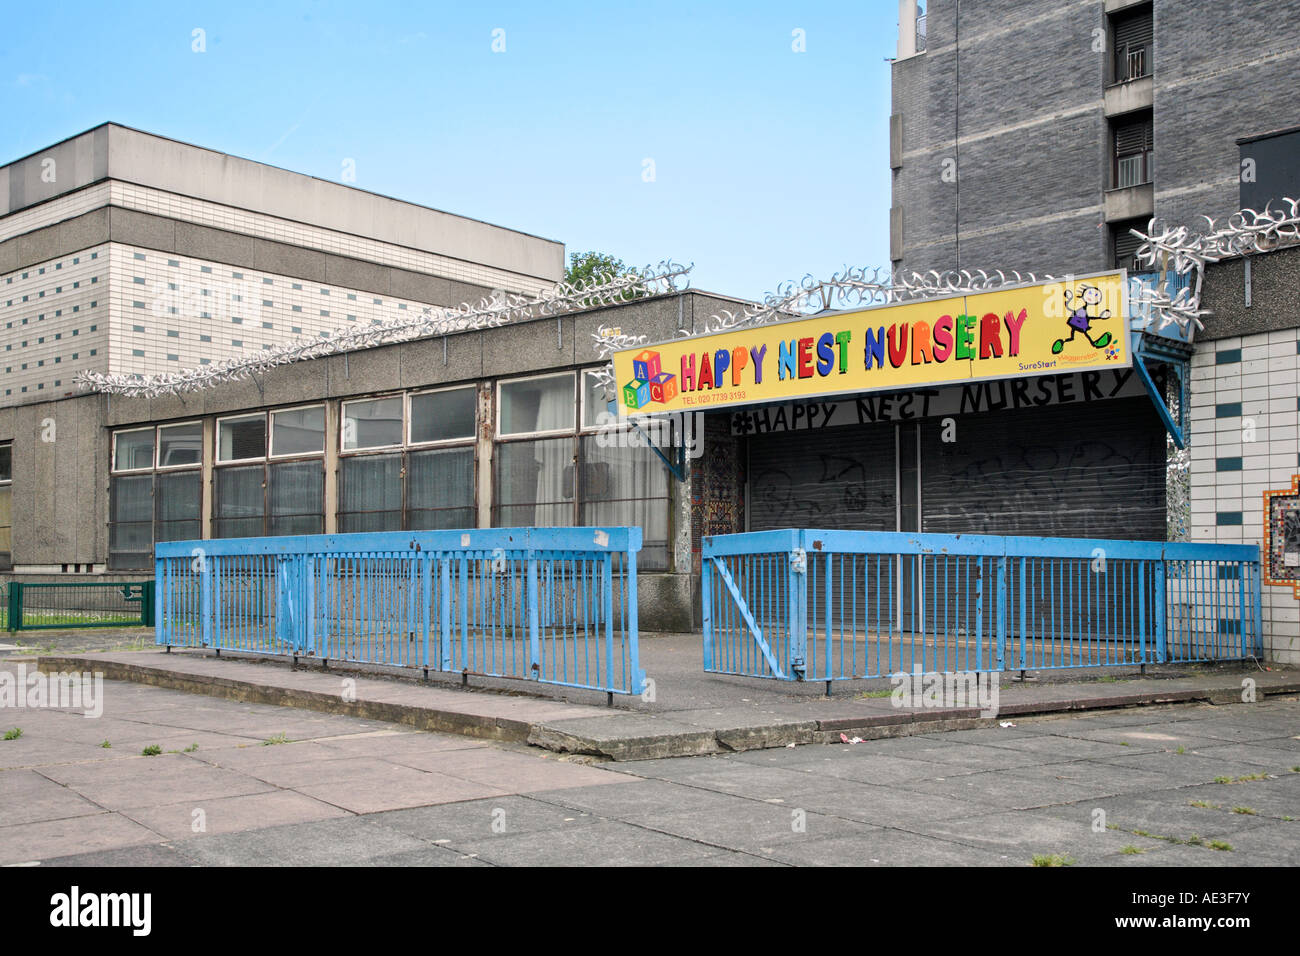 The Happy Nest Nursery School In East London